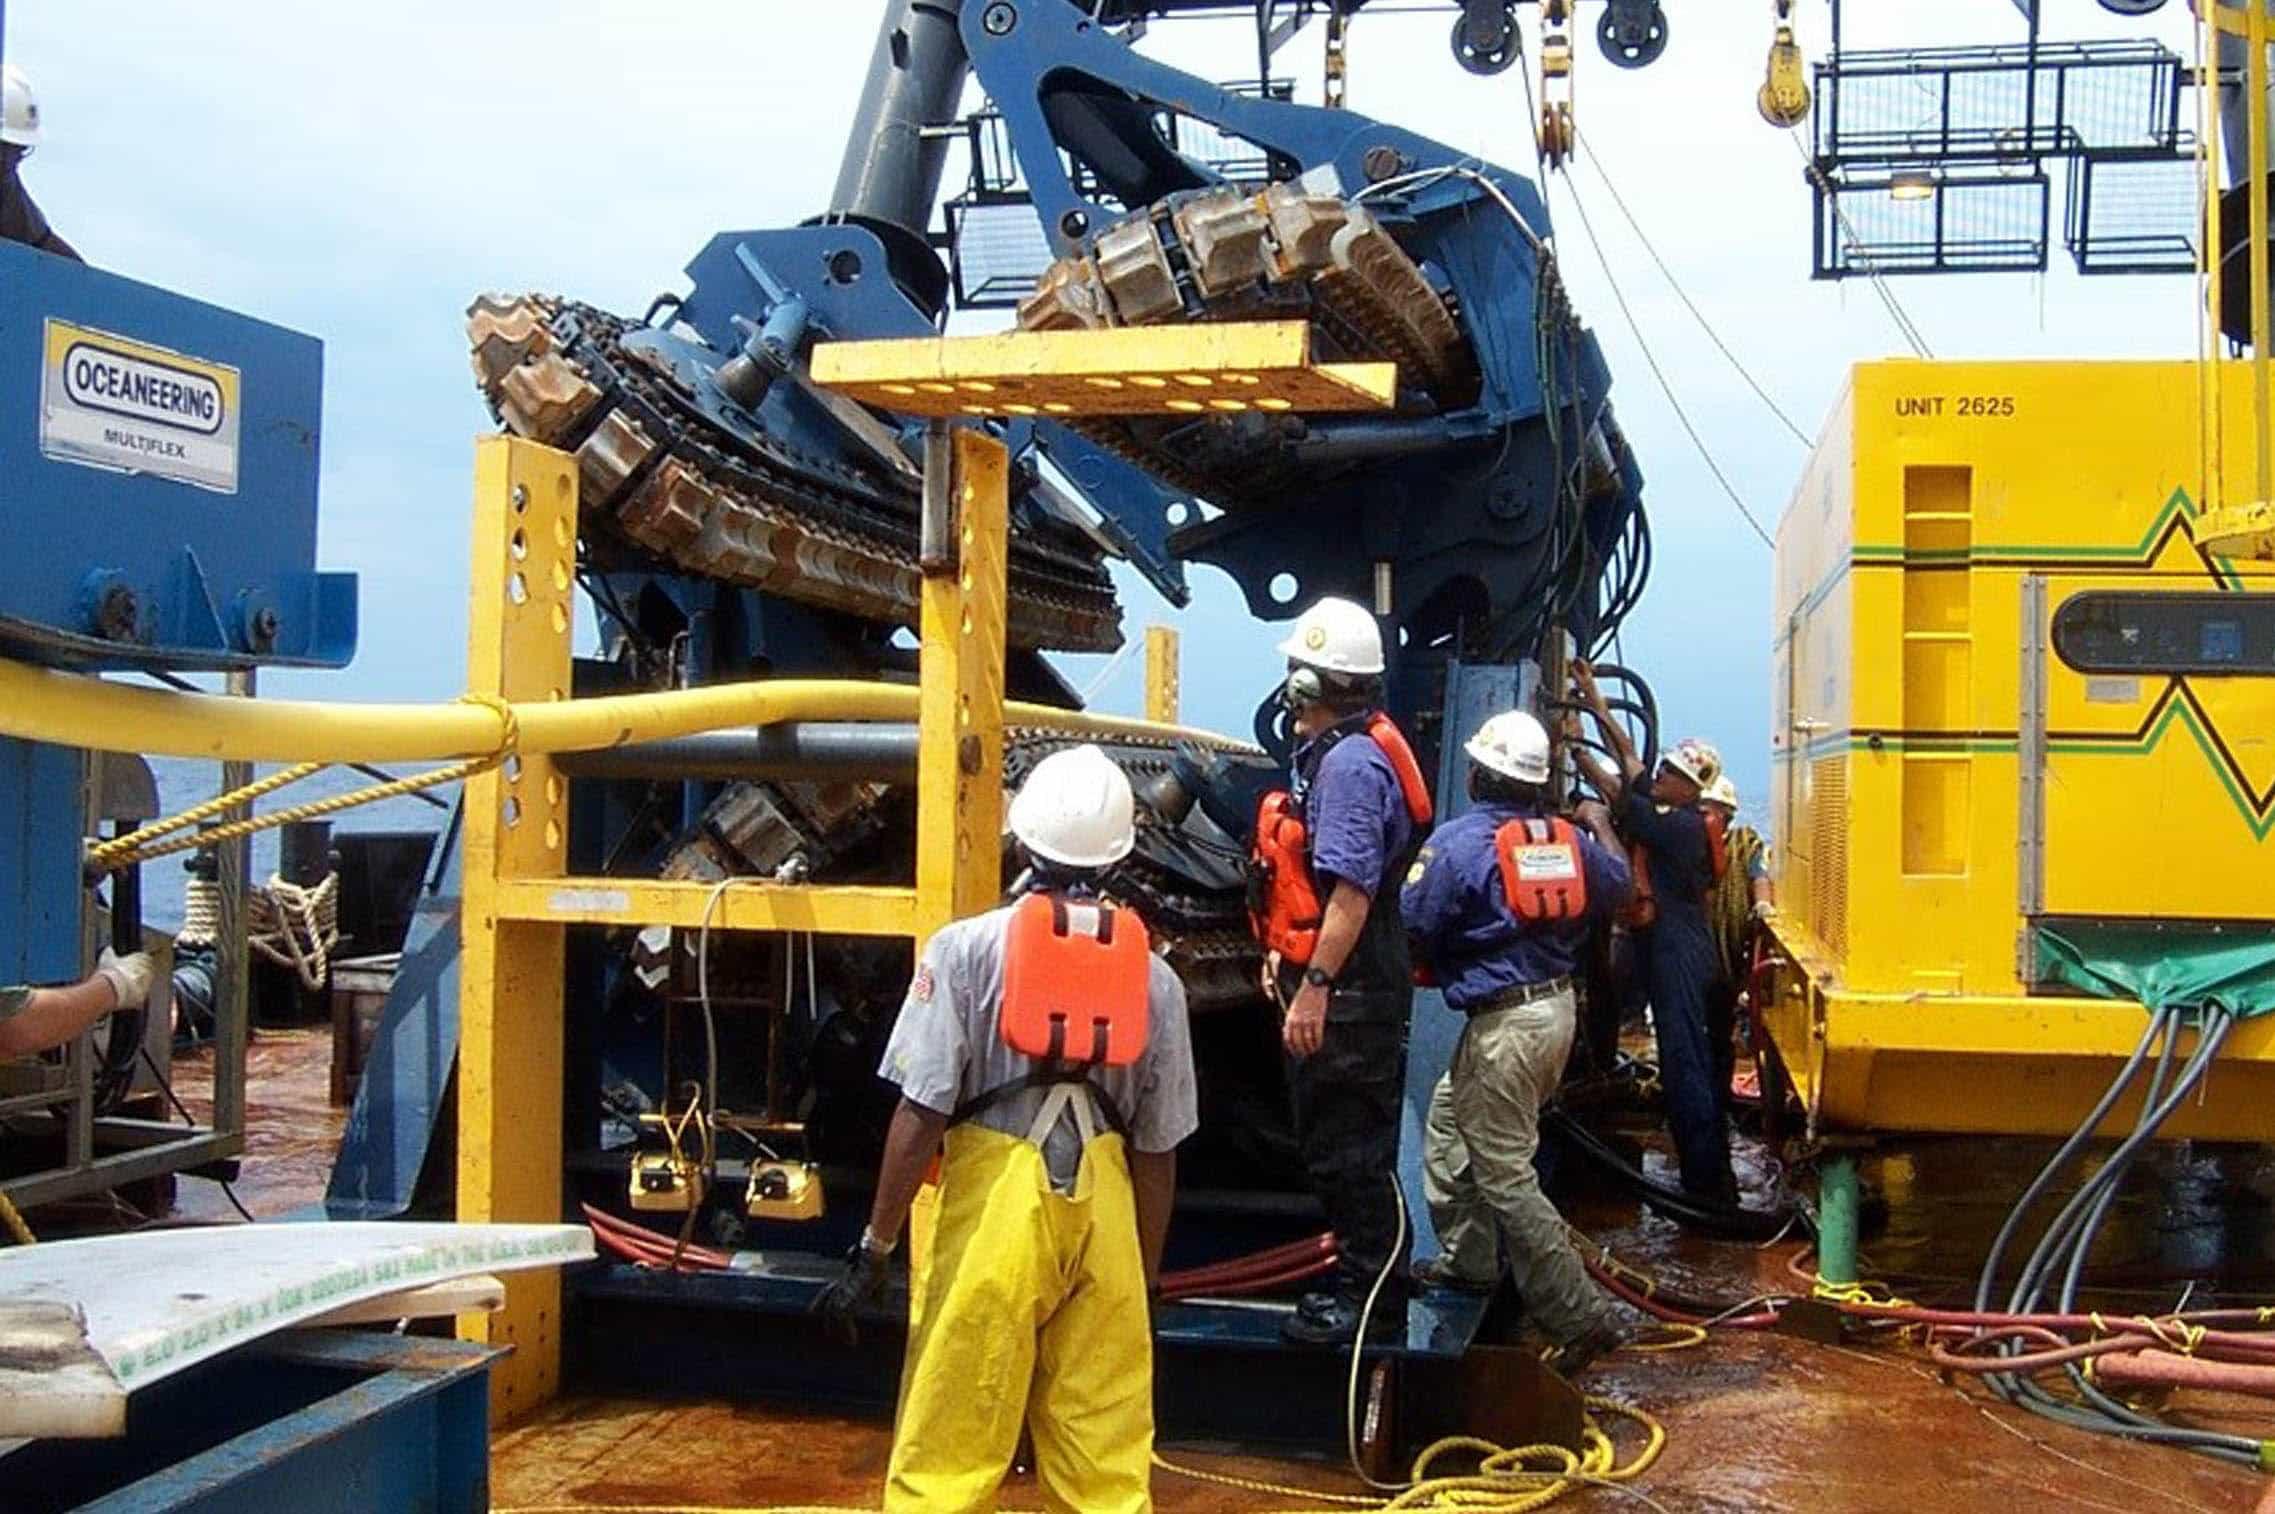 Vessels Oceaneering